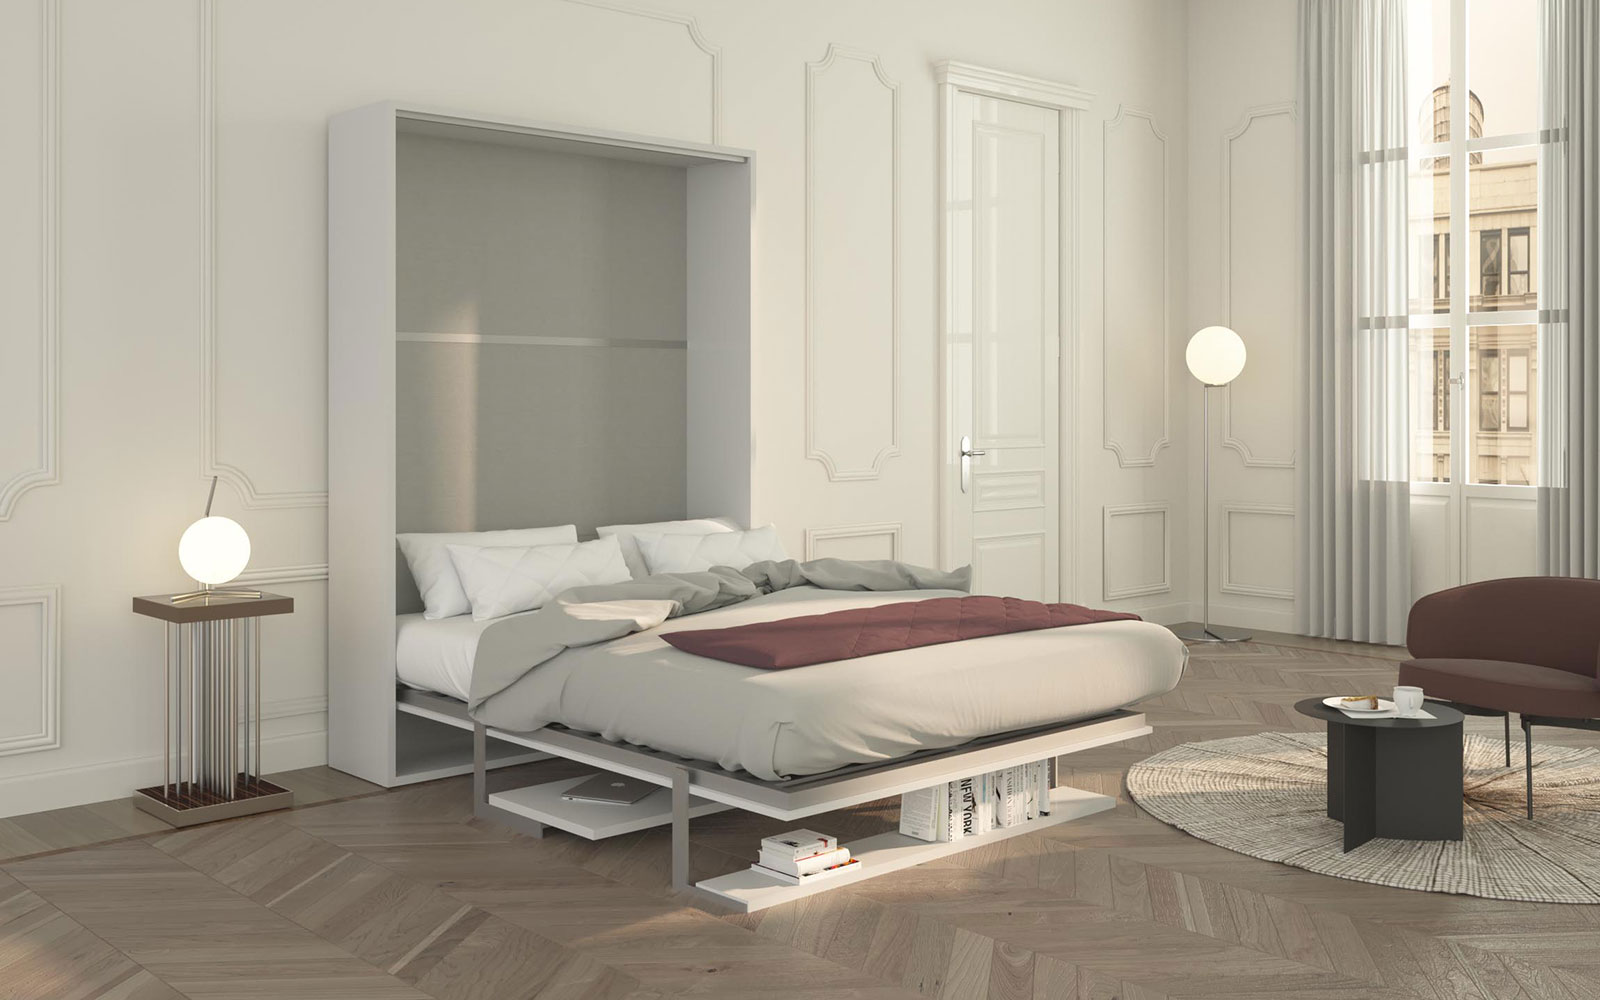 Cielo 140 letto a scomparsa con scrivania e mensola for Mensola sopra letto